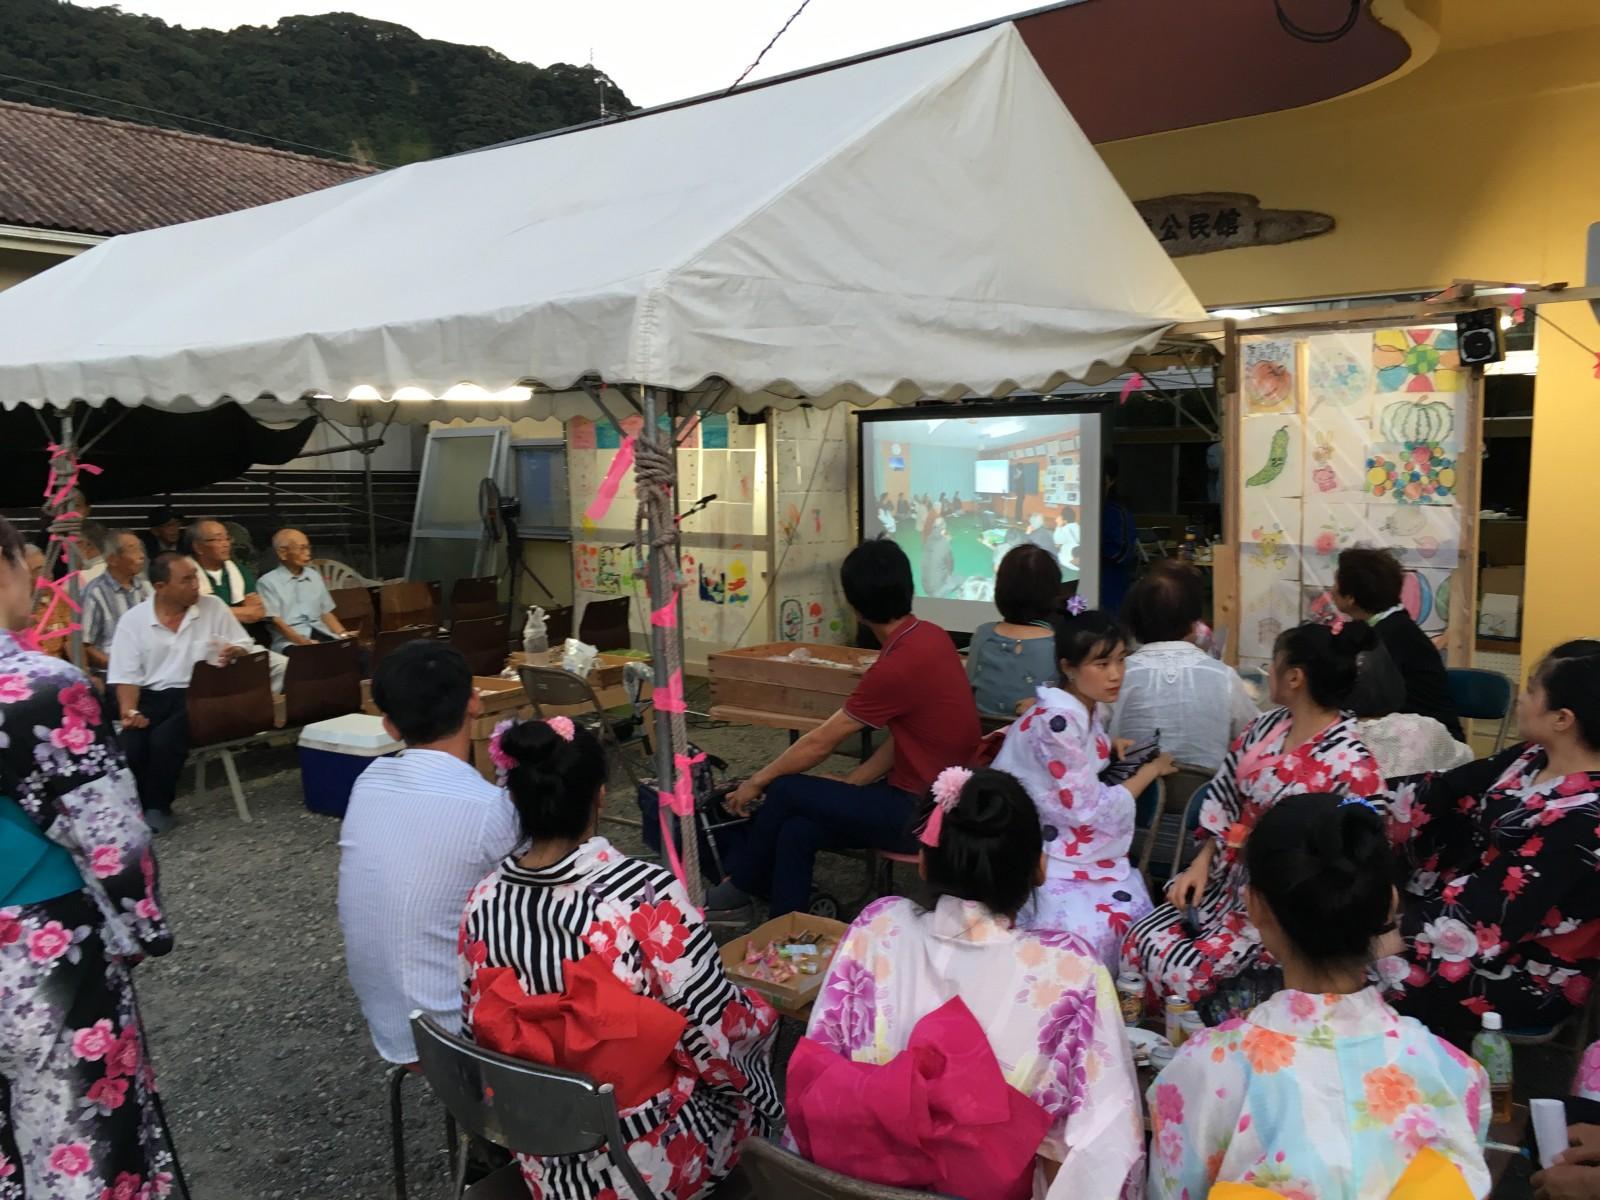 地元企業に勤めるベトナム人の皆さんも参加して国際的なイベント